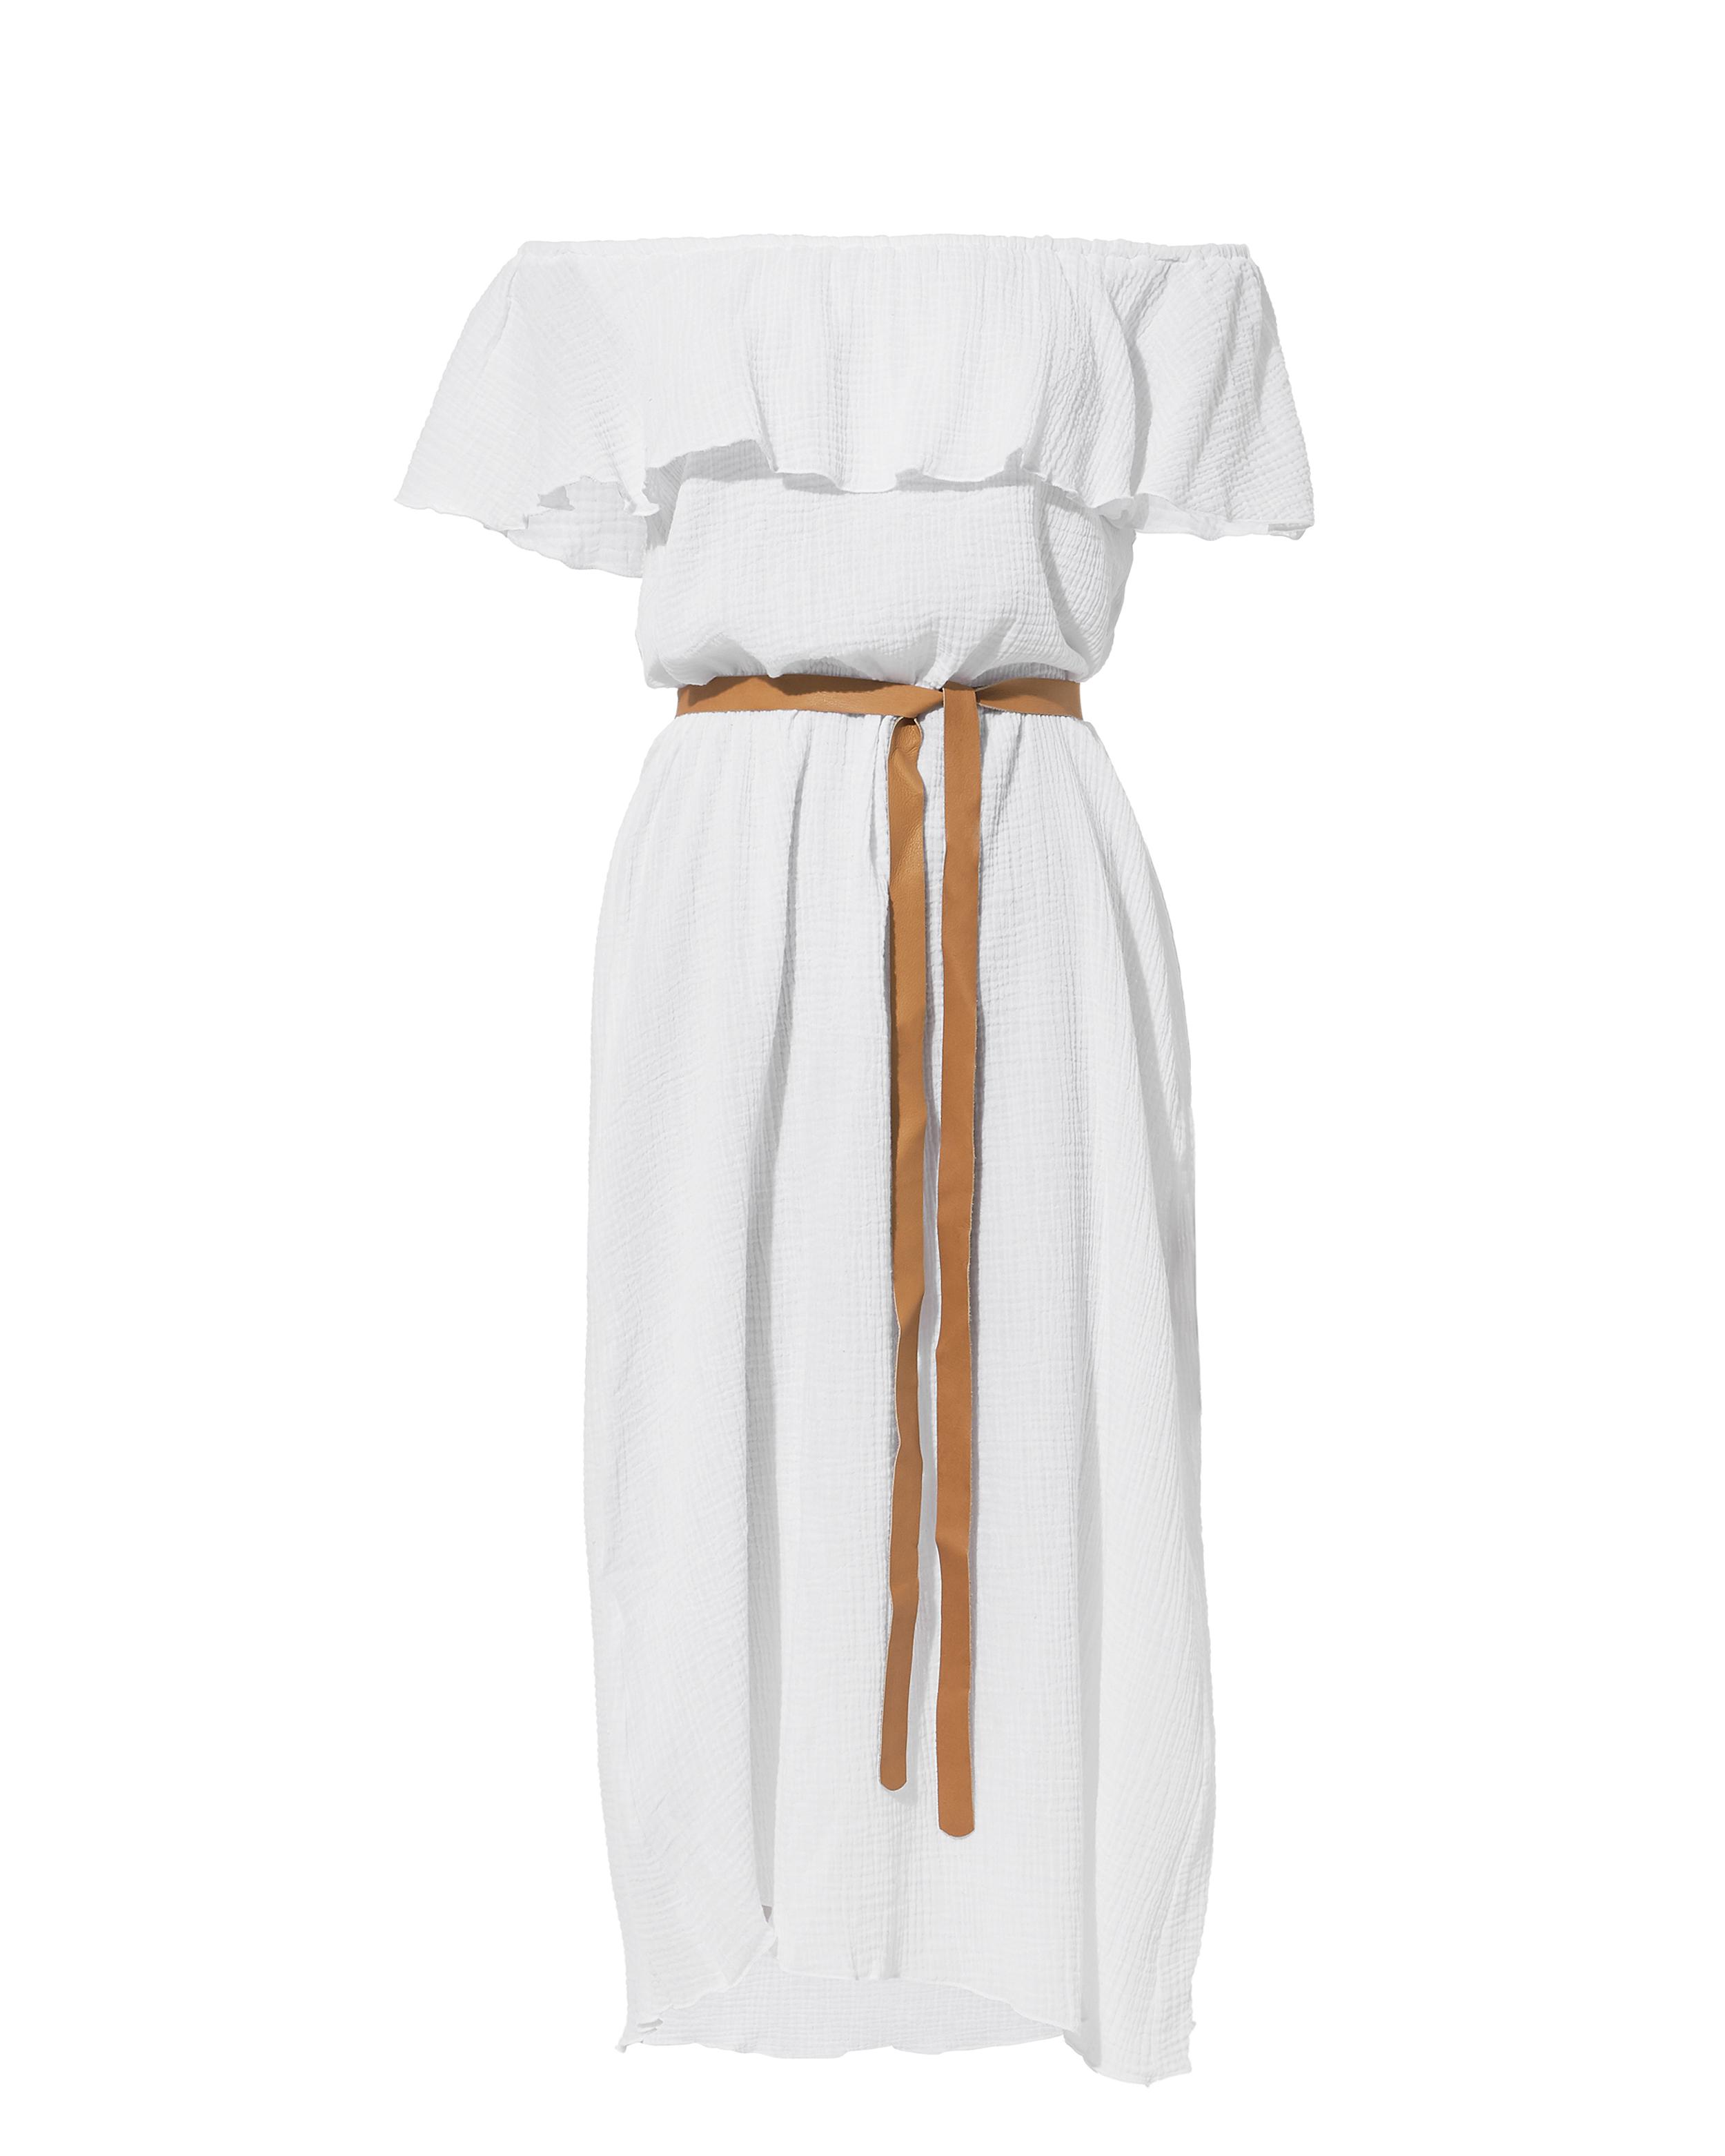 Nomad Florence Off Shoulder Dress by Eberjey